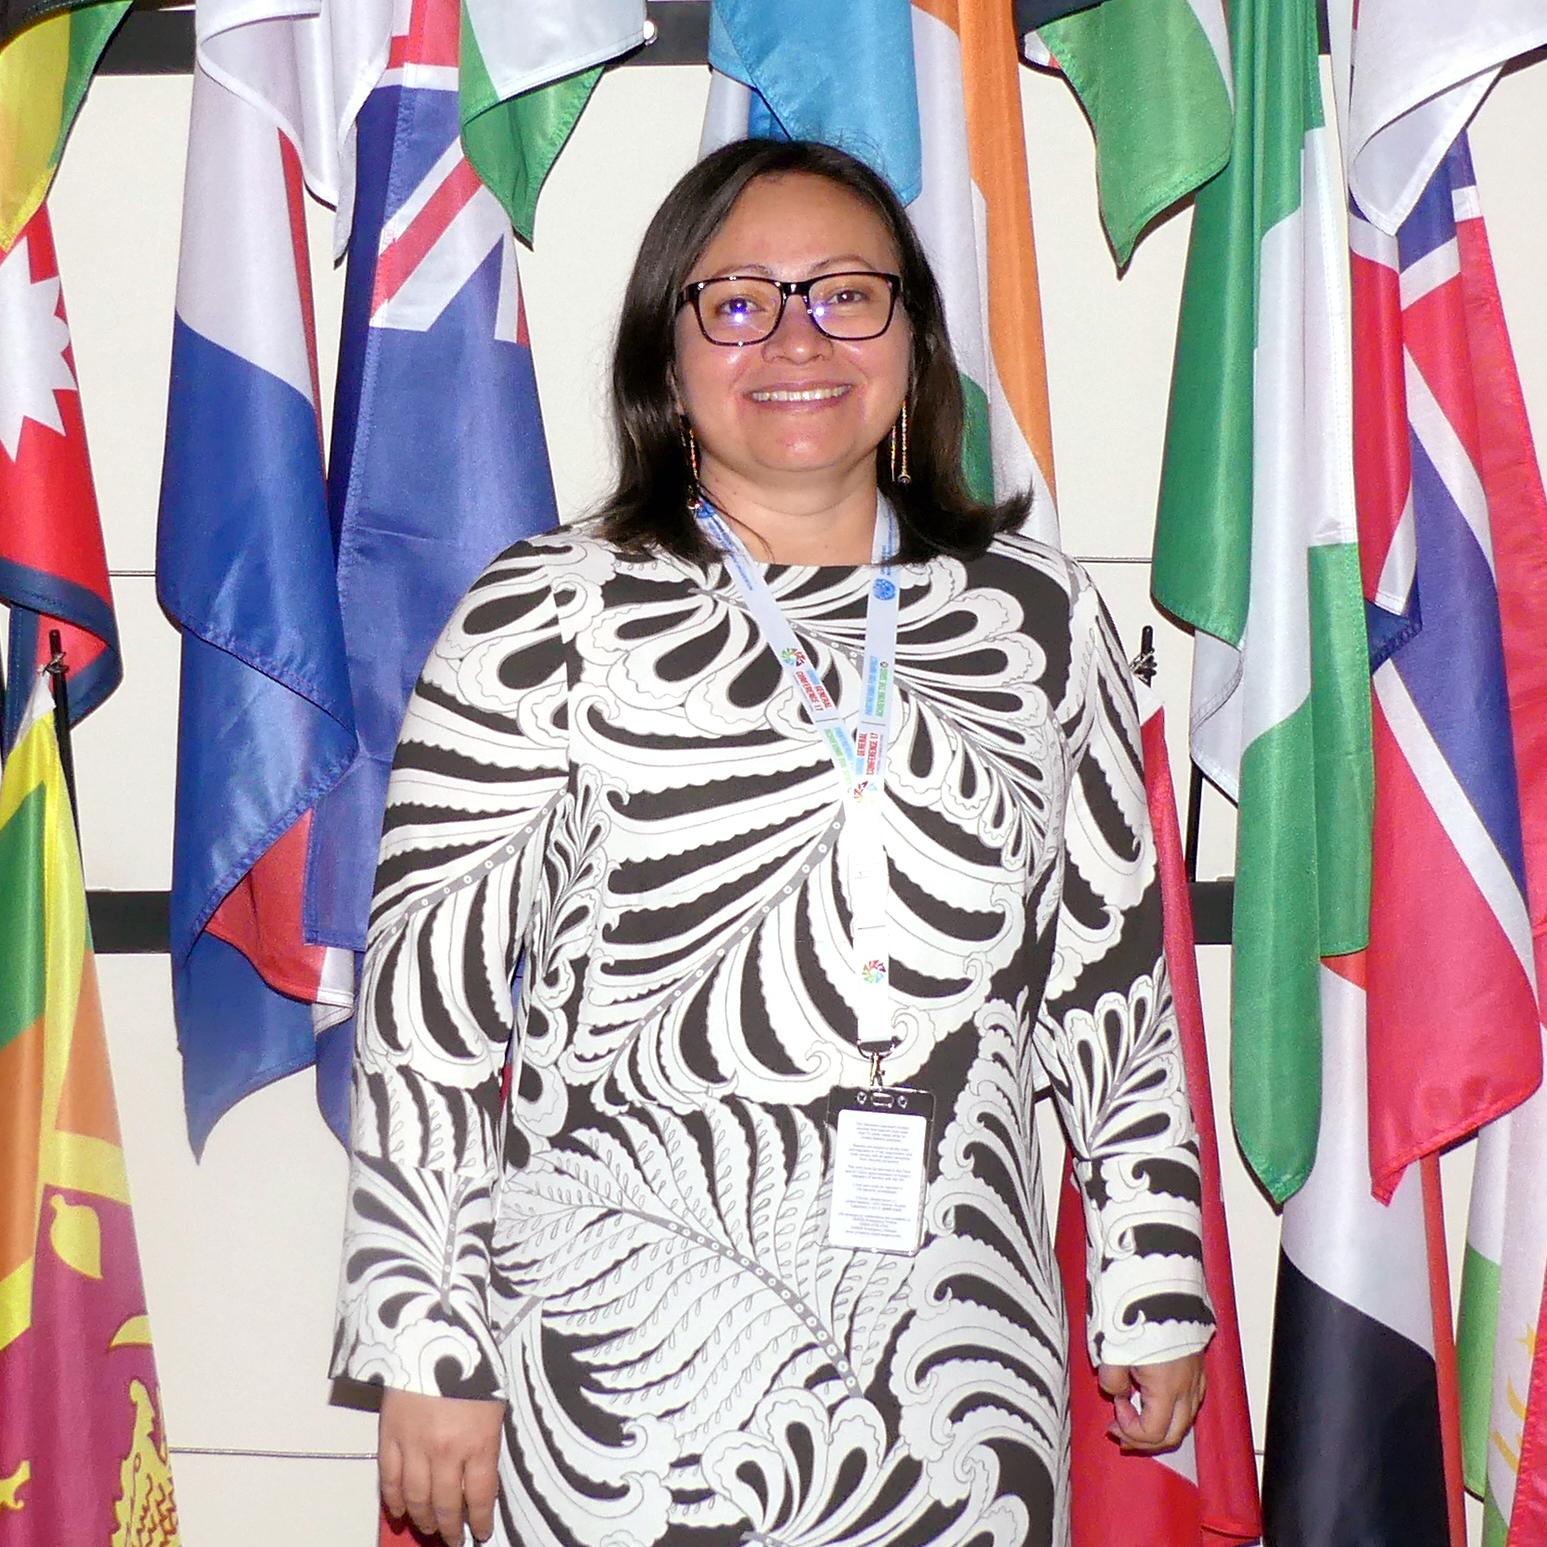 Gloria Patricia Vergara